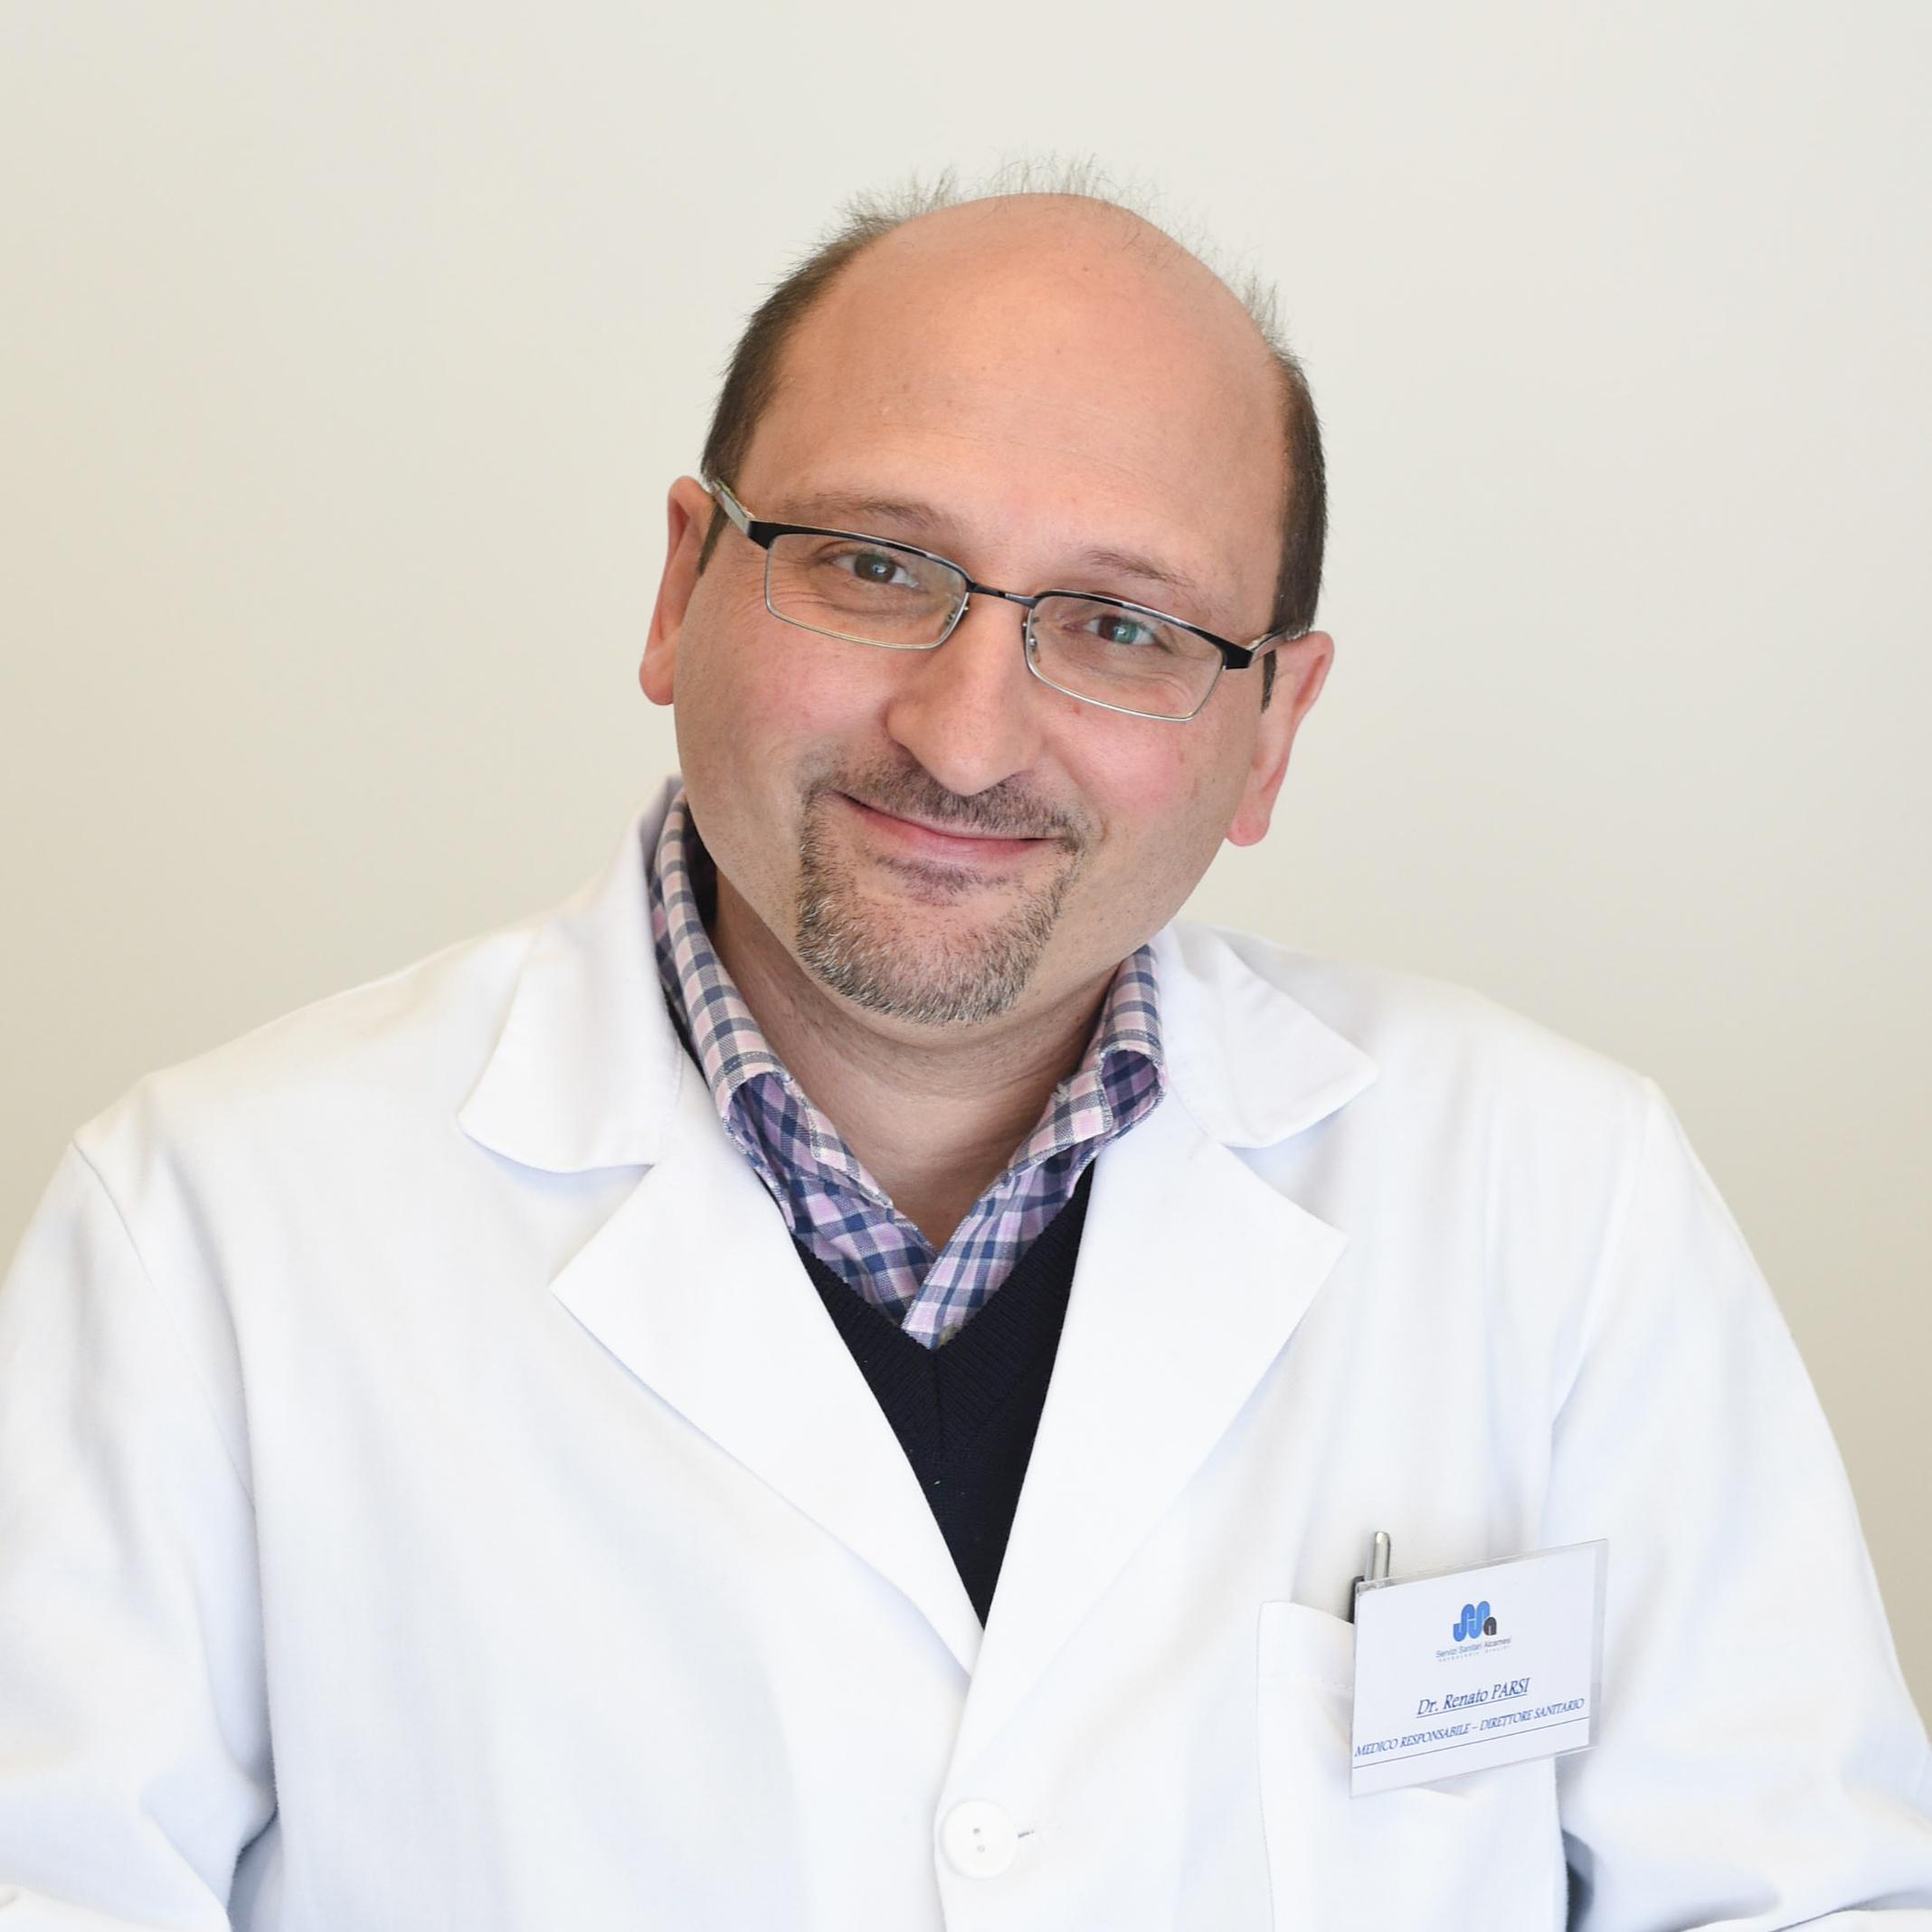 Dott. Renato Parsi Medico Chirurgo Specialista in Nefrologia - Direttore Sanitario